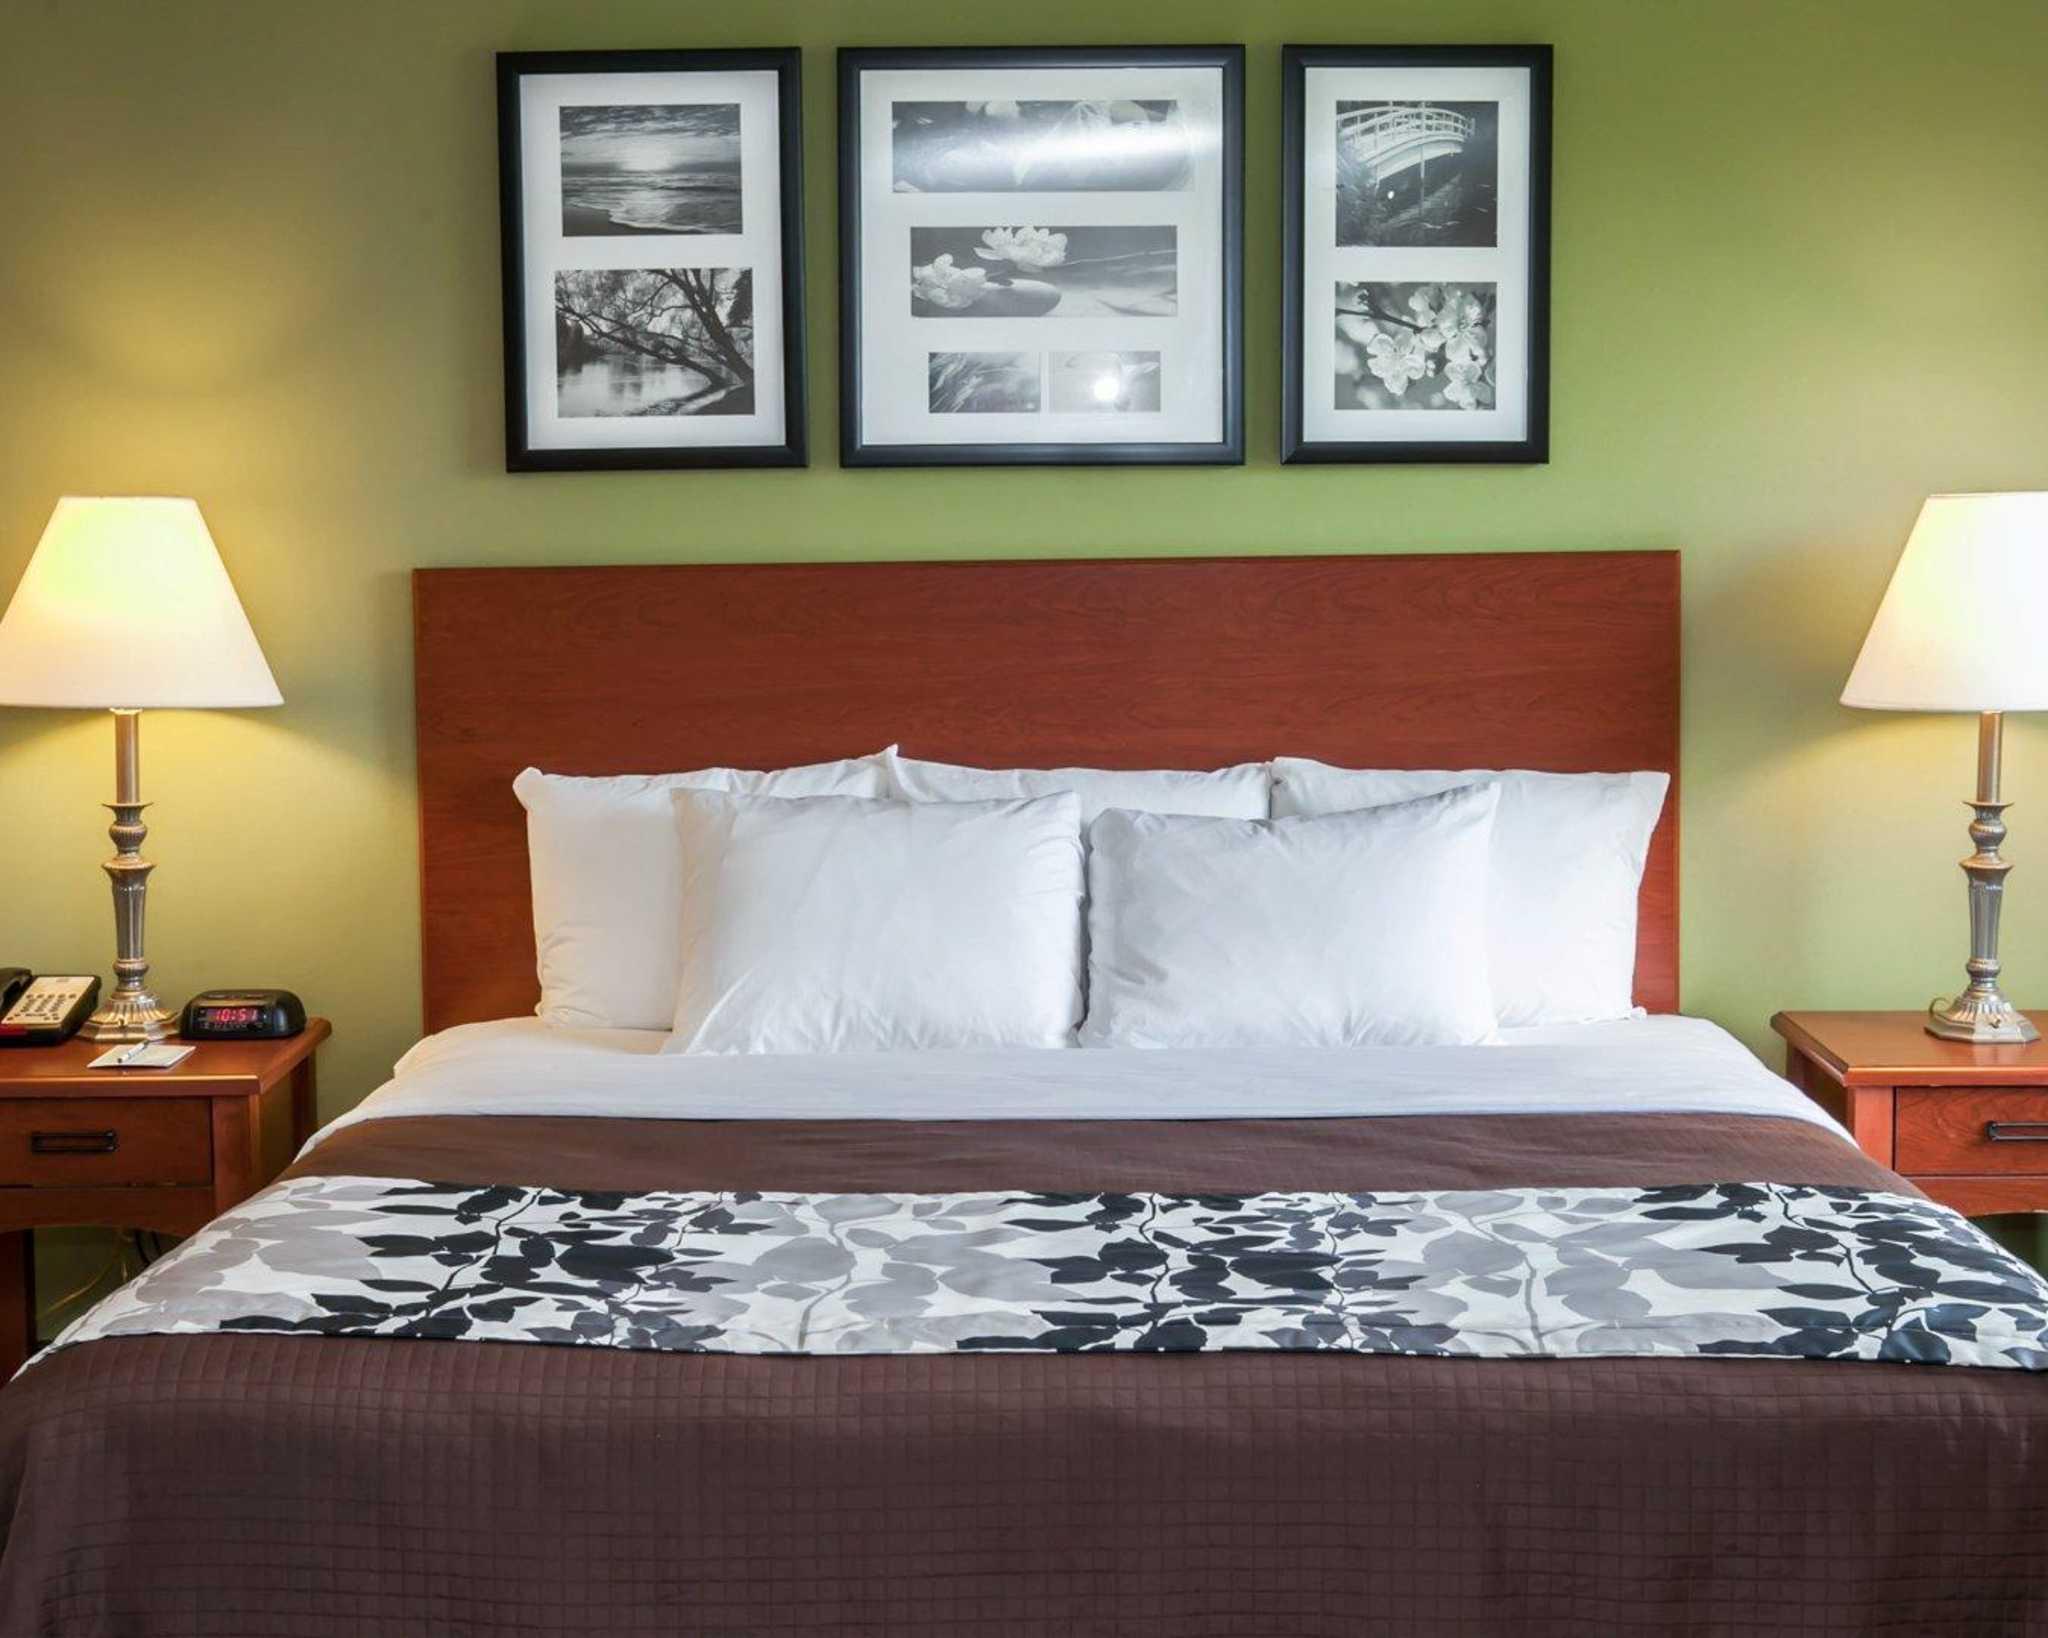 Sleep Inn image 17